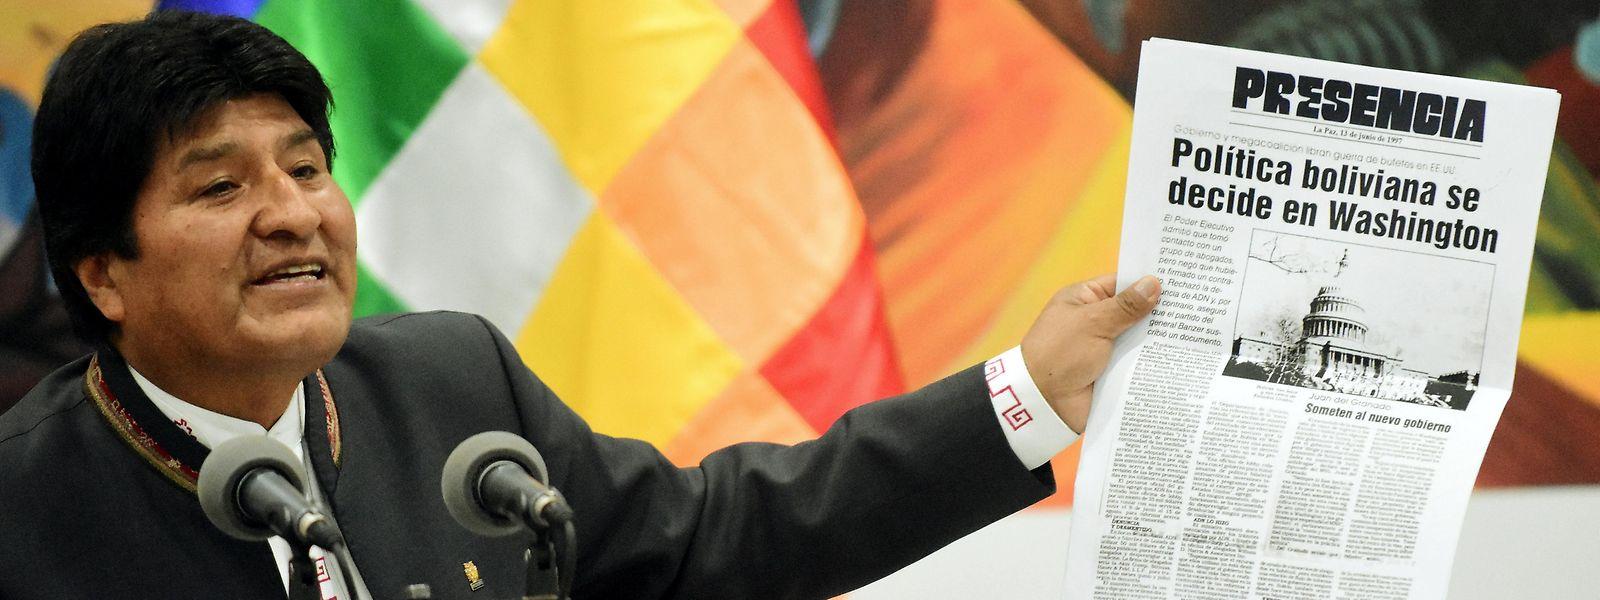 Evo Morales beschuldigte rechte Politiker und Militärs im Ruhestand, mit internationaler Unterstützung einen Staatsstreich vorzubereiten. Der seit 2006 amtierende Politiker erklärte sich zum Wahlsieger.